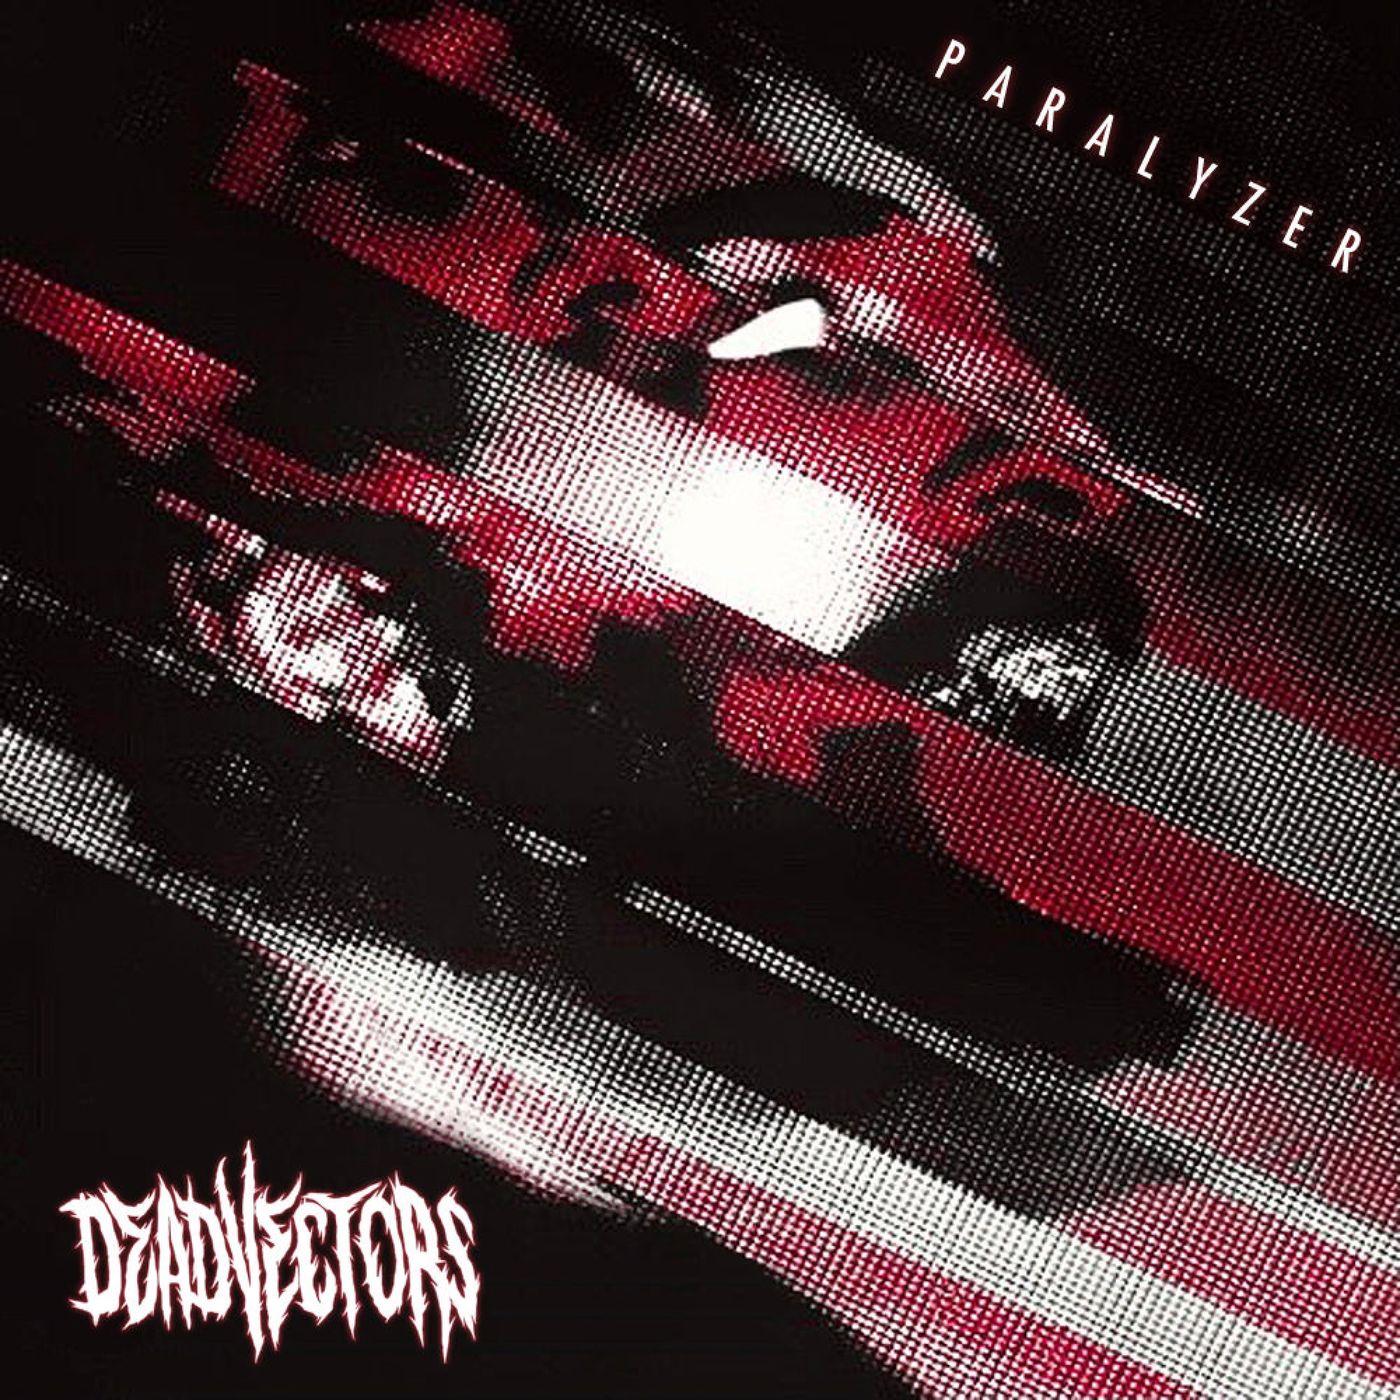 DeadVectors - Paralyzer [EP] (2021)